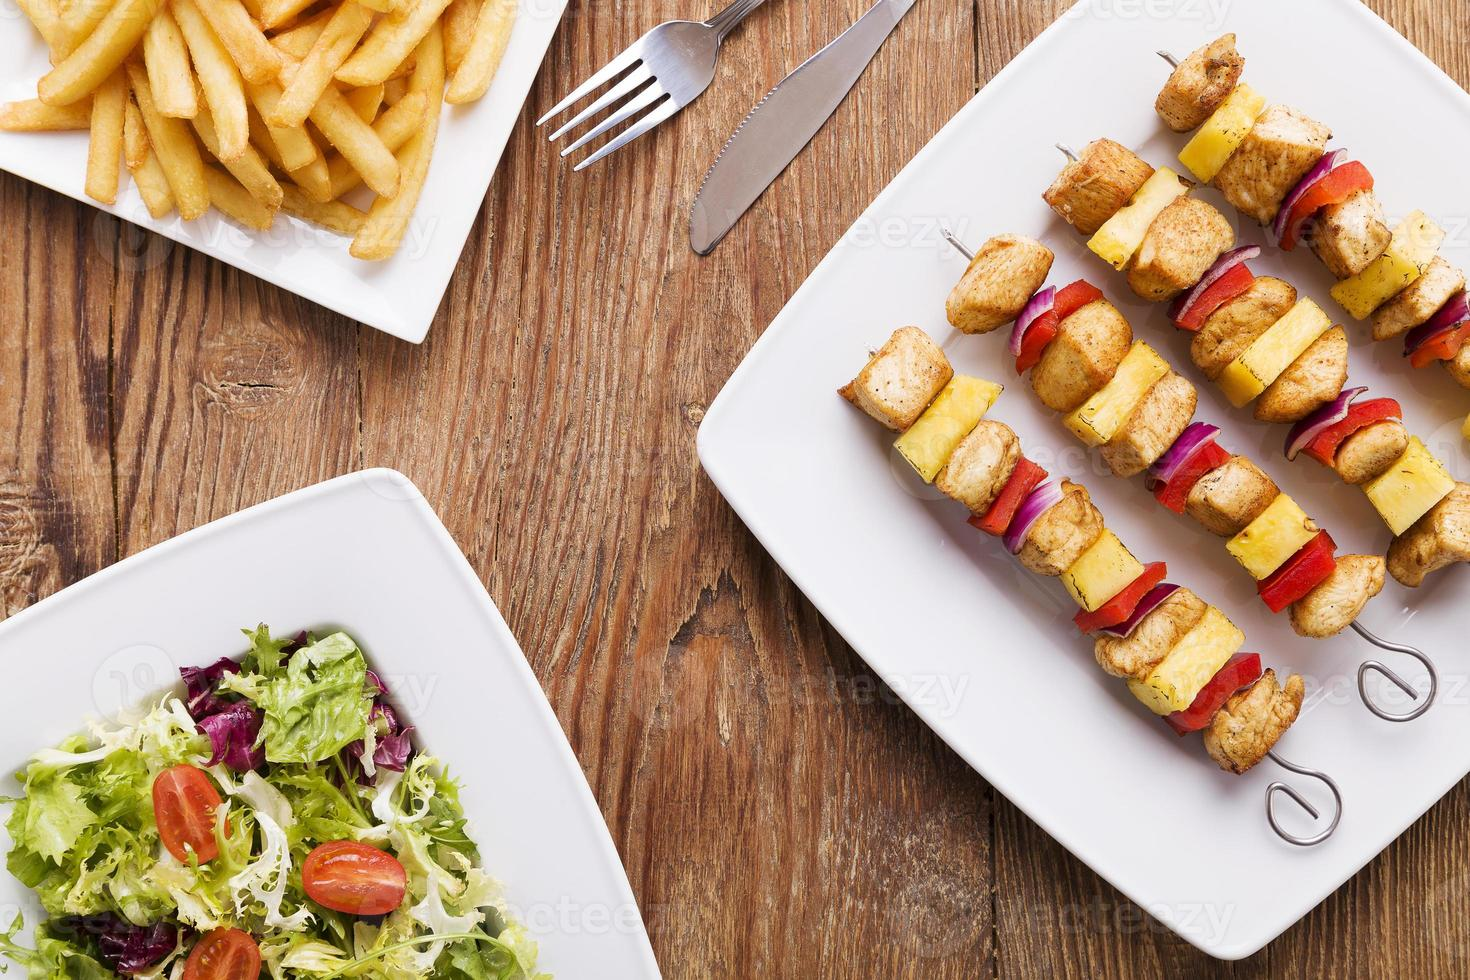 espetos de frango grelhado com abacaxi, pimentão e cebola foto